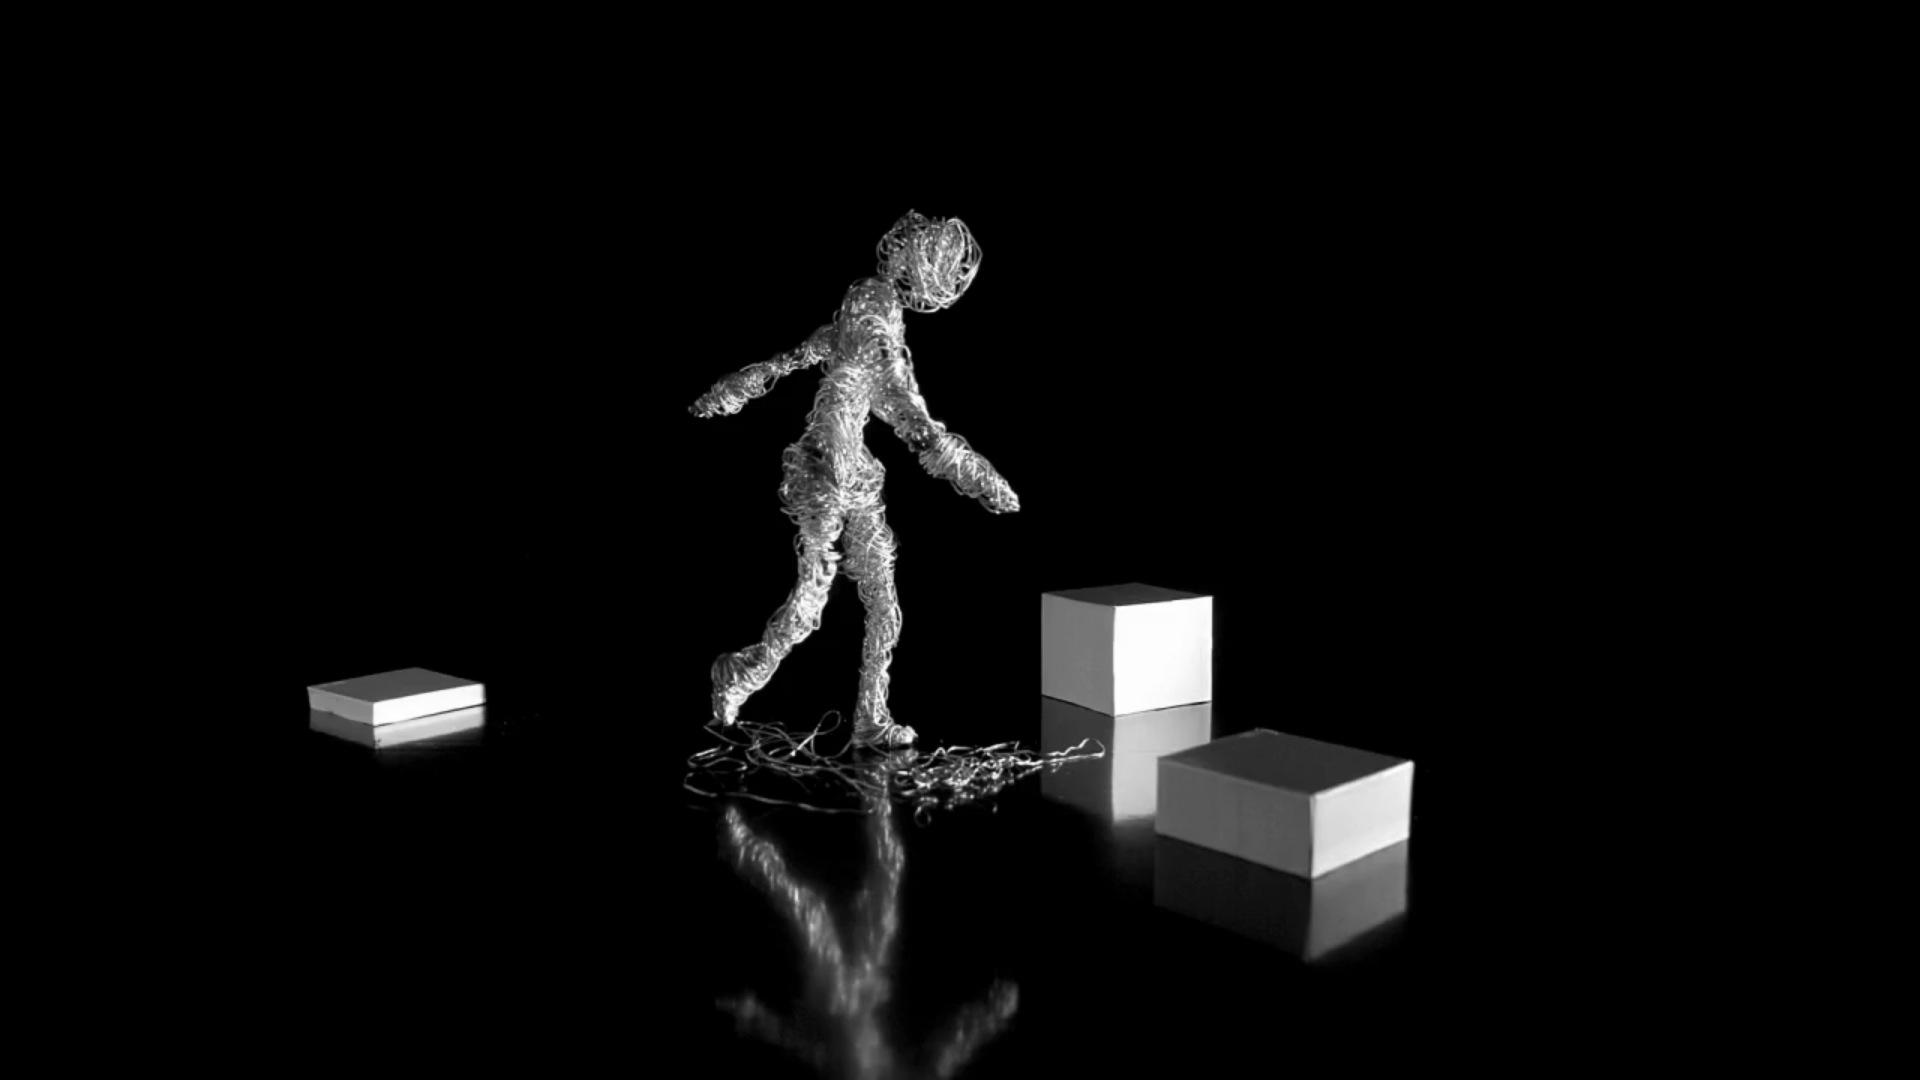 Wire and Flashing Lights il video del brano del Professor Kliq | Collater.al